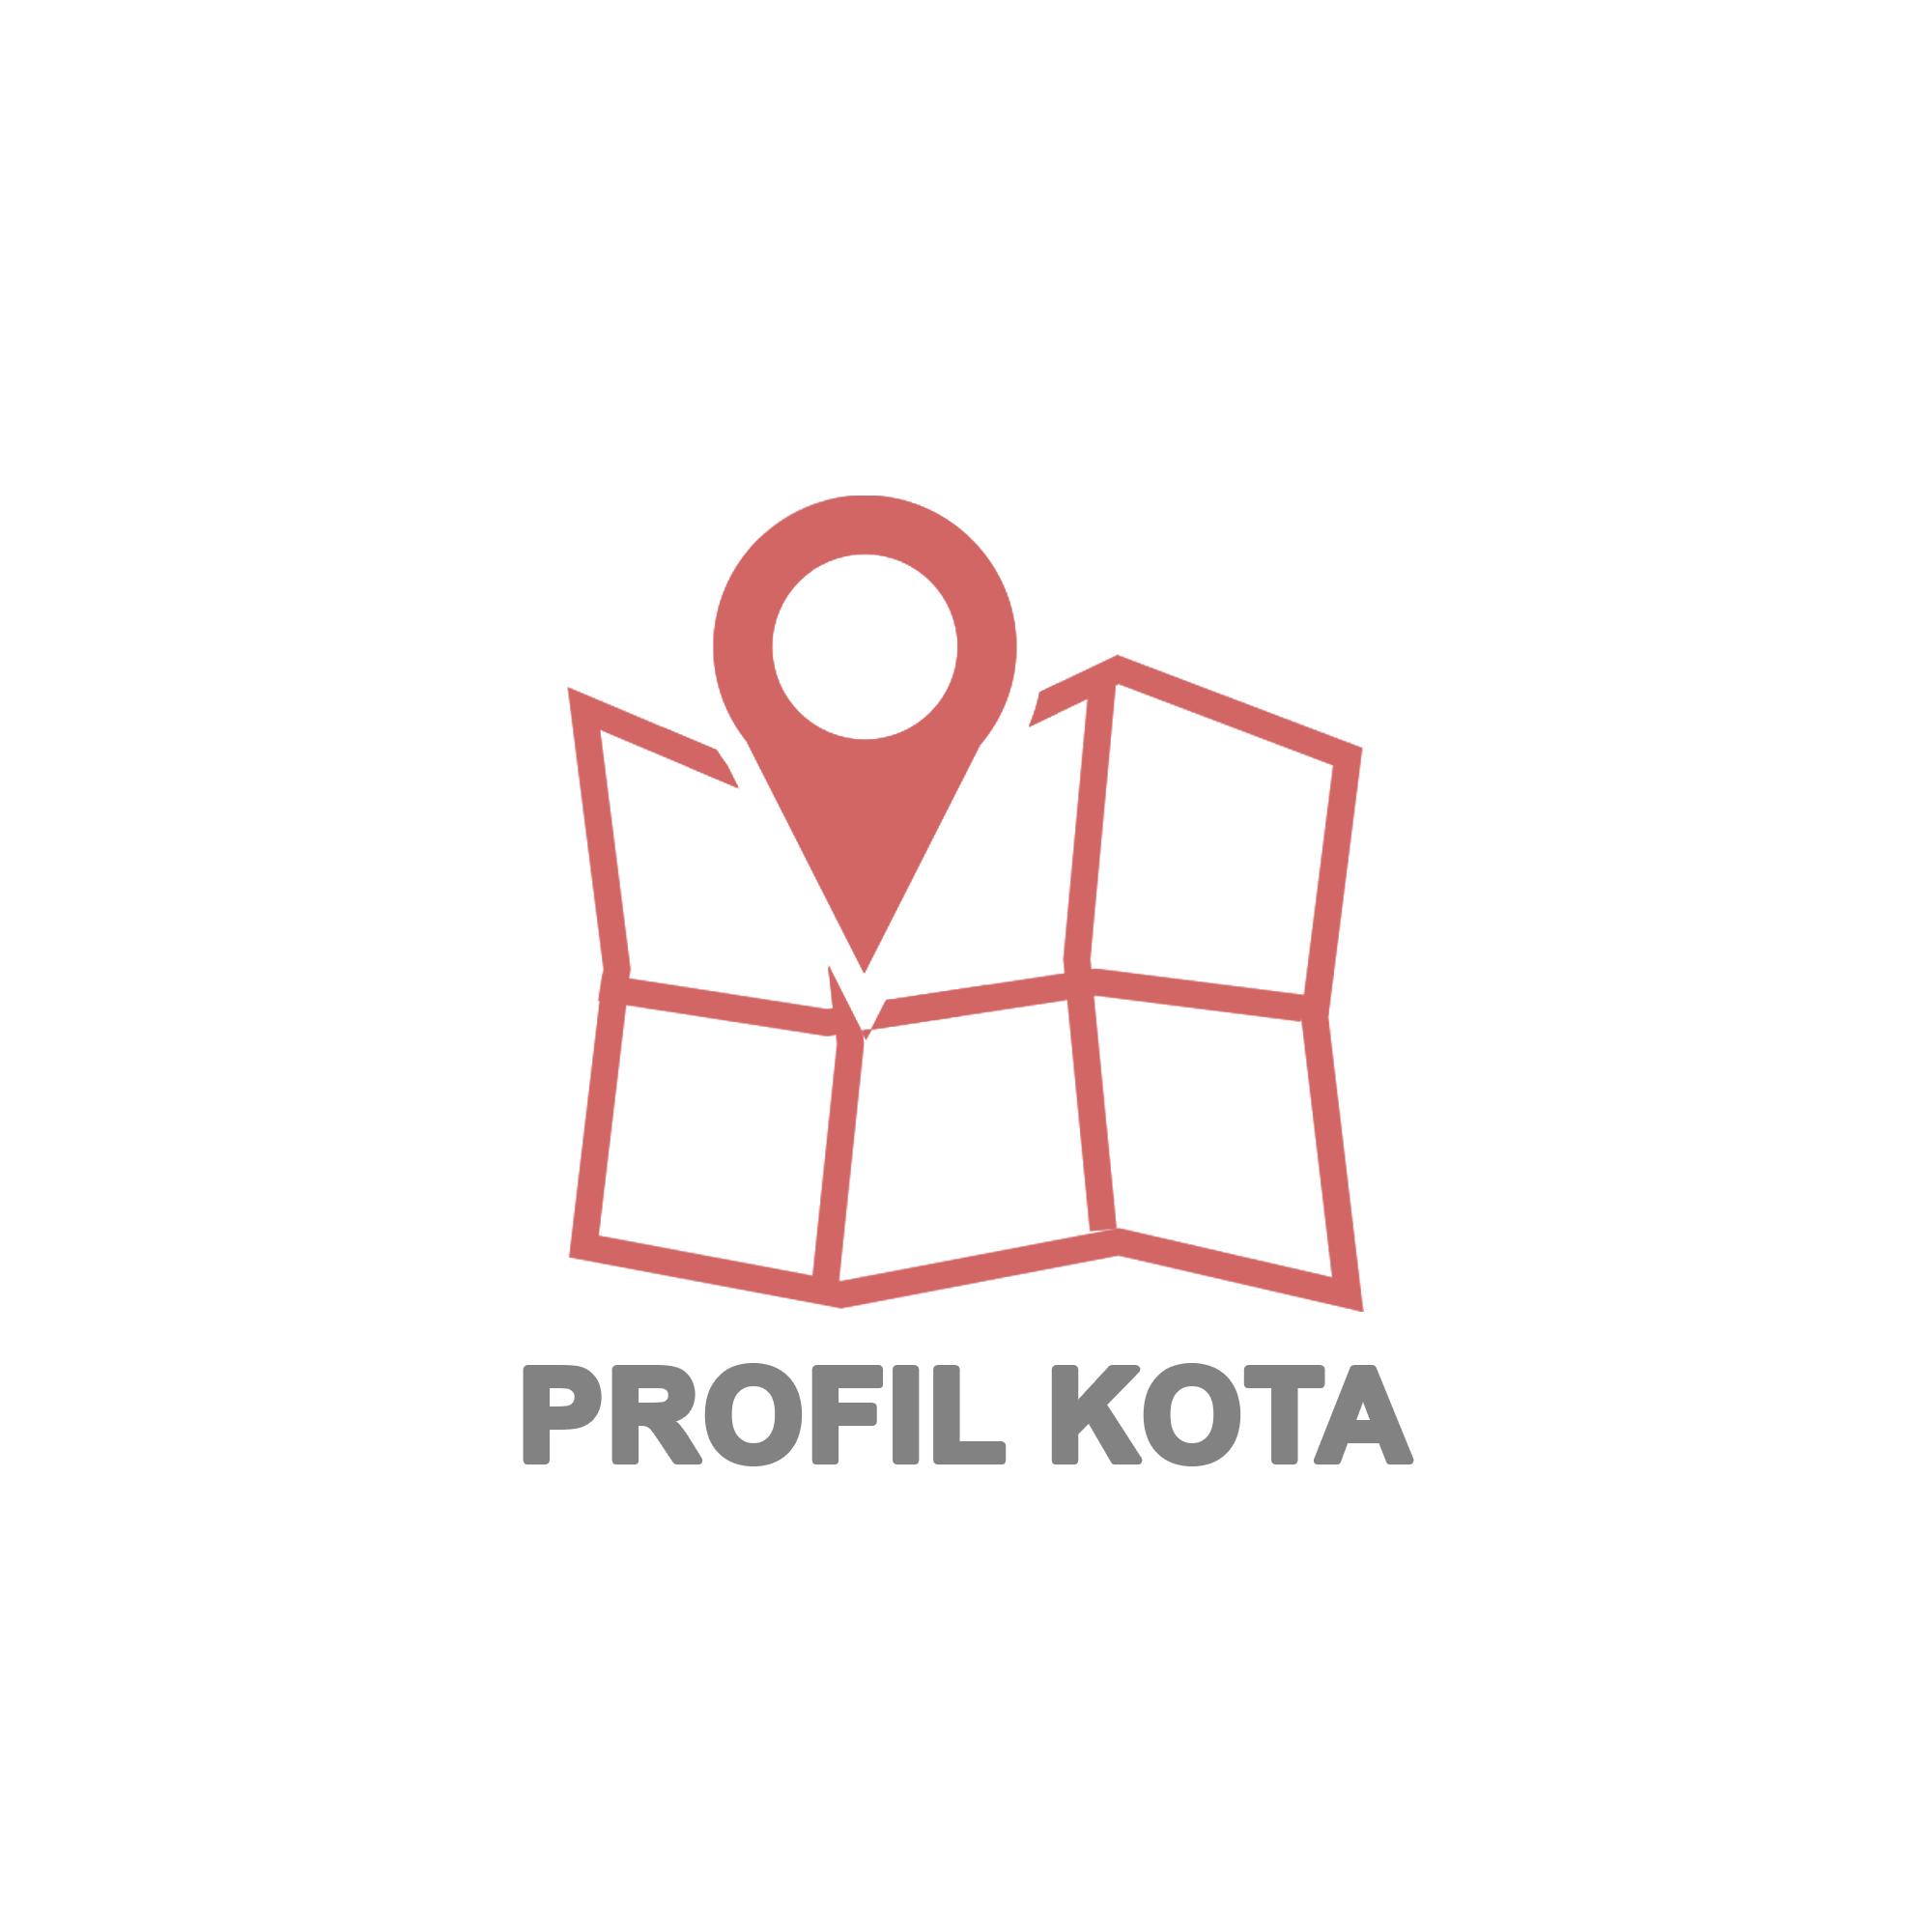 Profil Kota